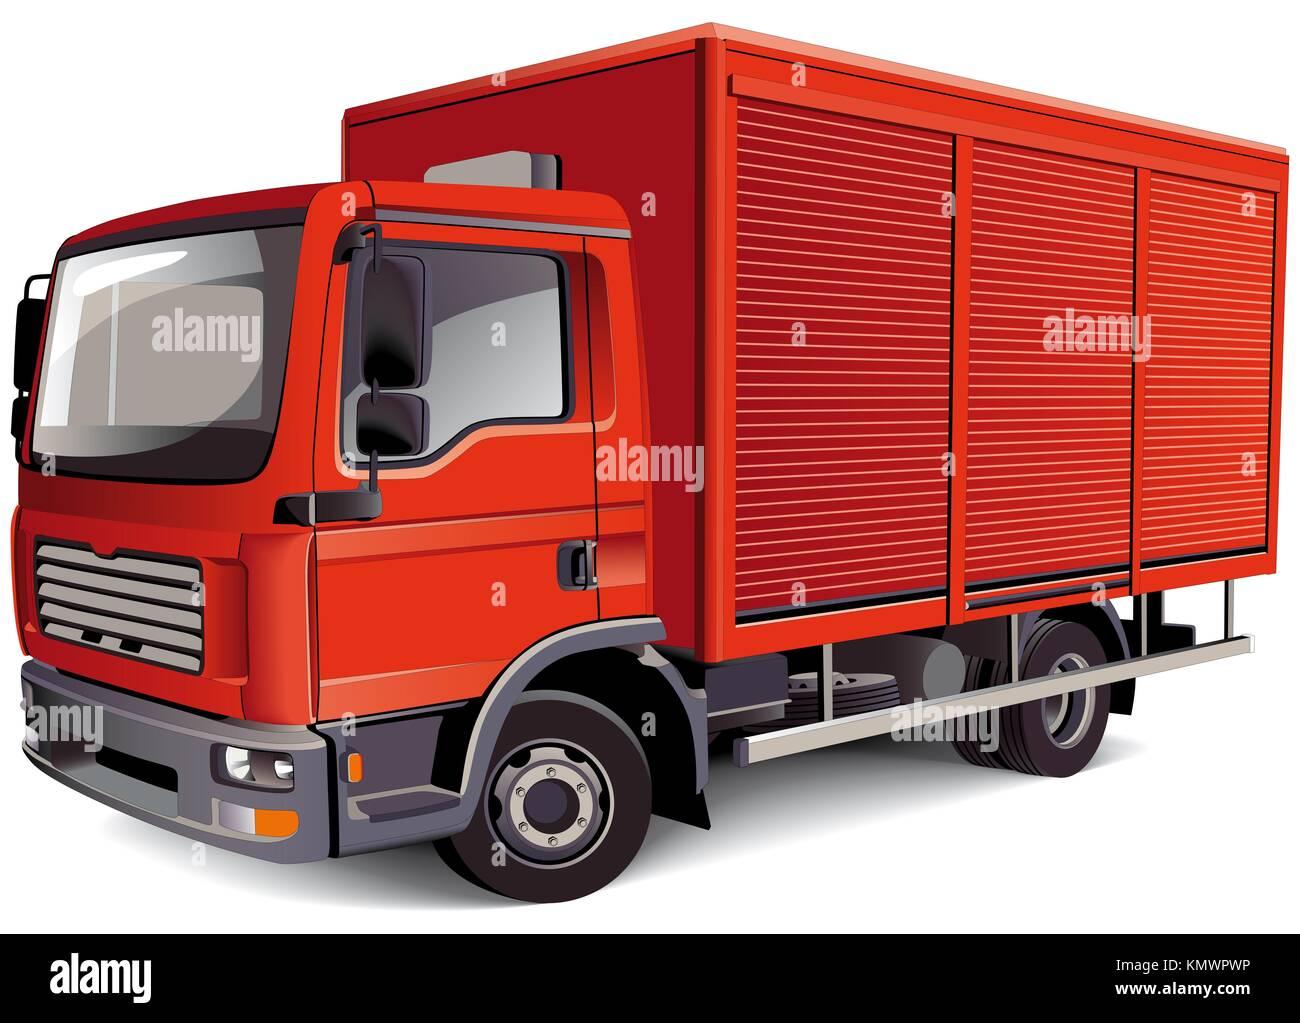 Detallada imagen vectorial de la camioneta roja, aislado sobre fondo blanco contiene degradados y mezclas Foto de stock